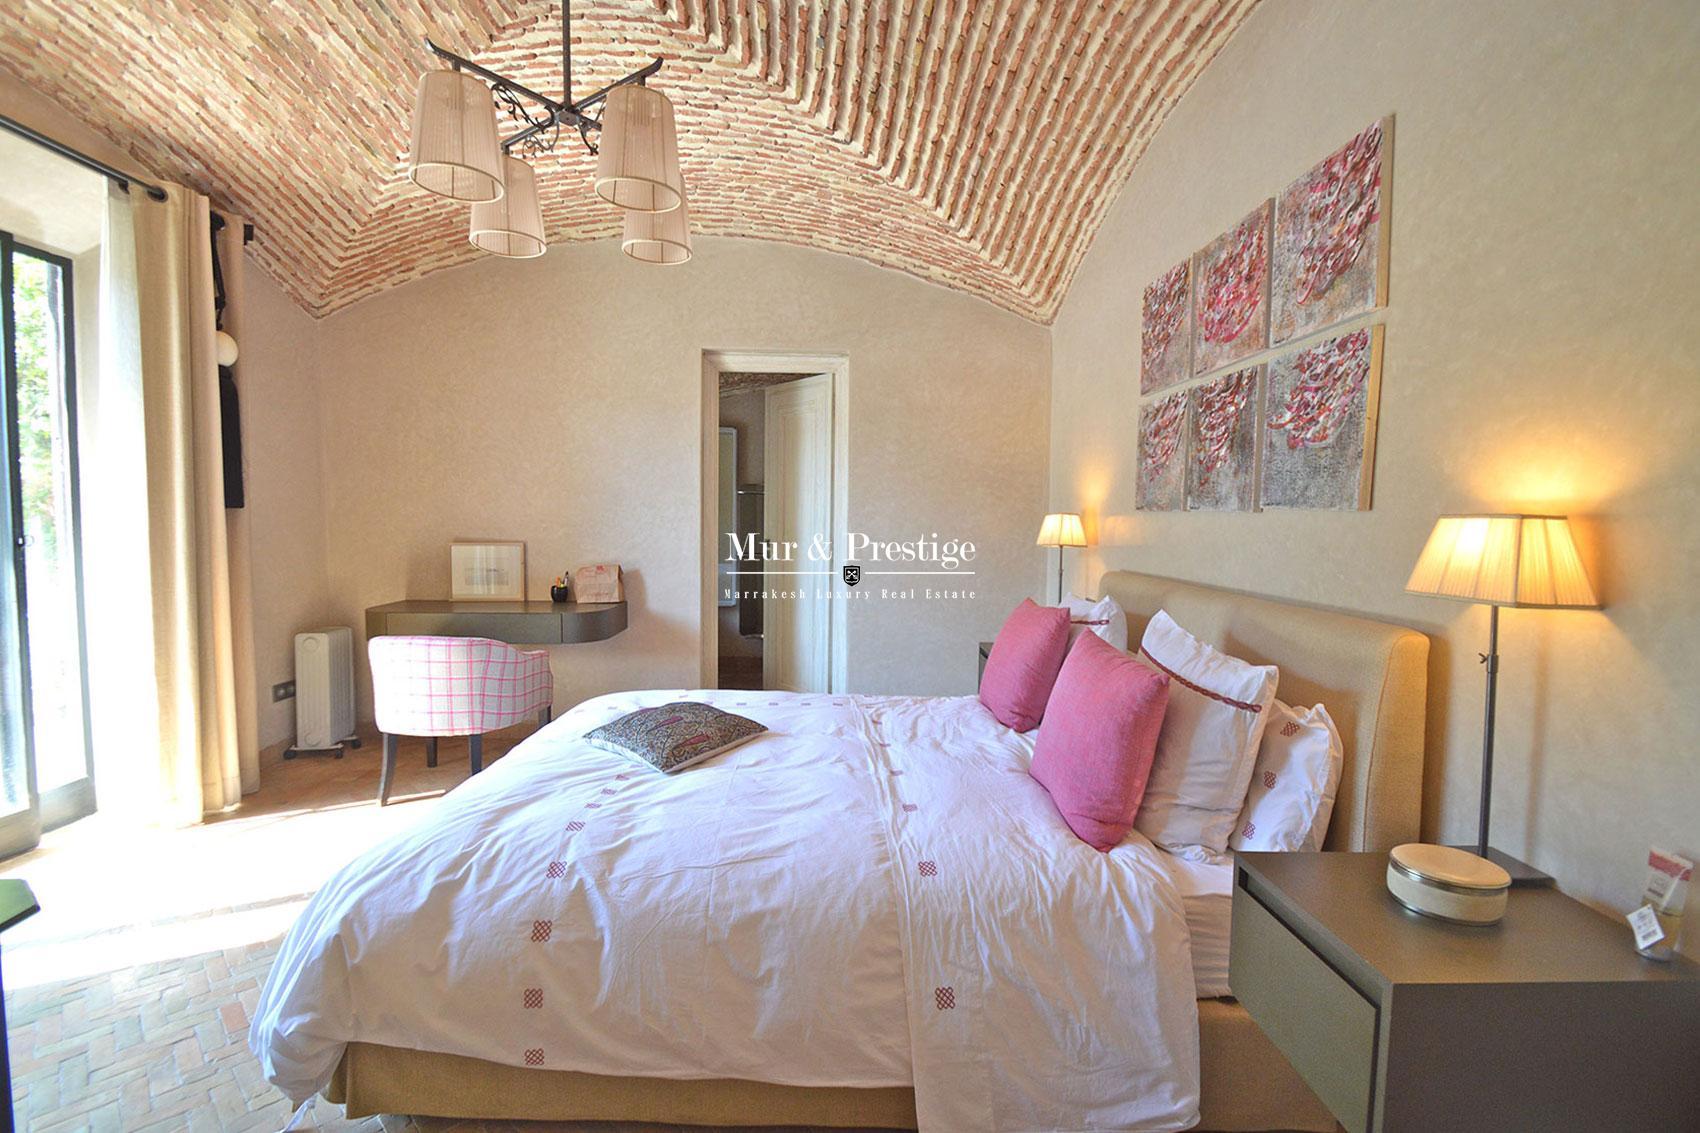 Vente villa a Amelkis a Marrakech